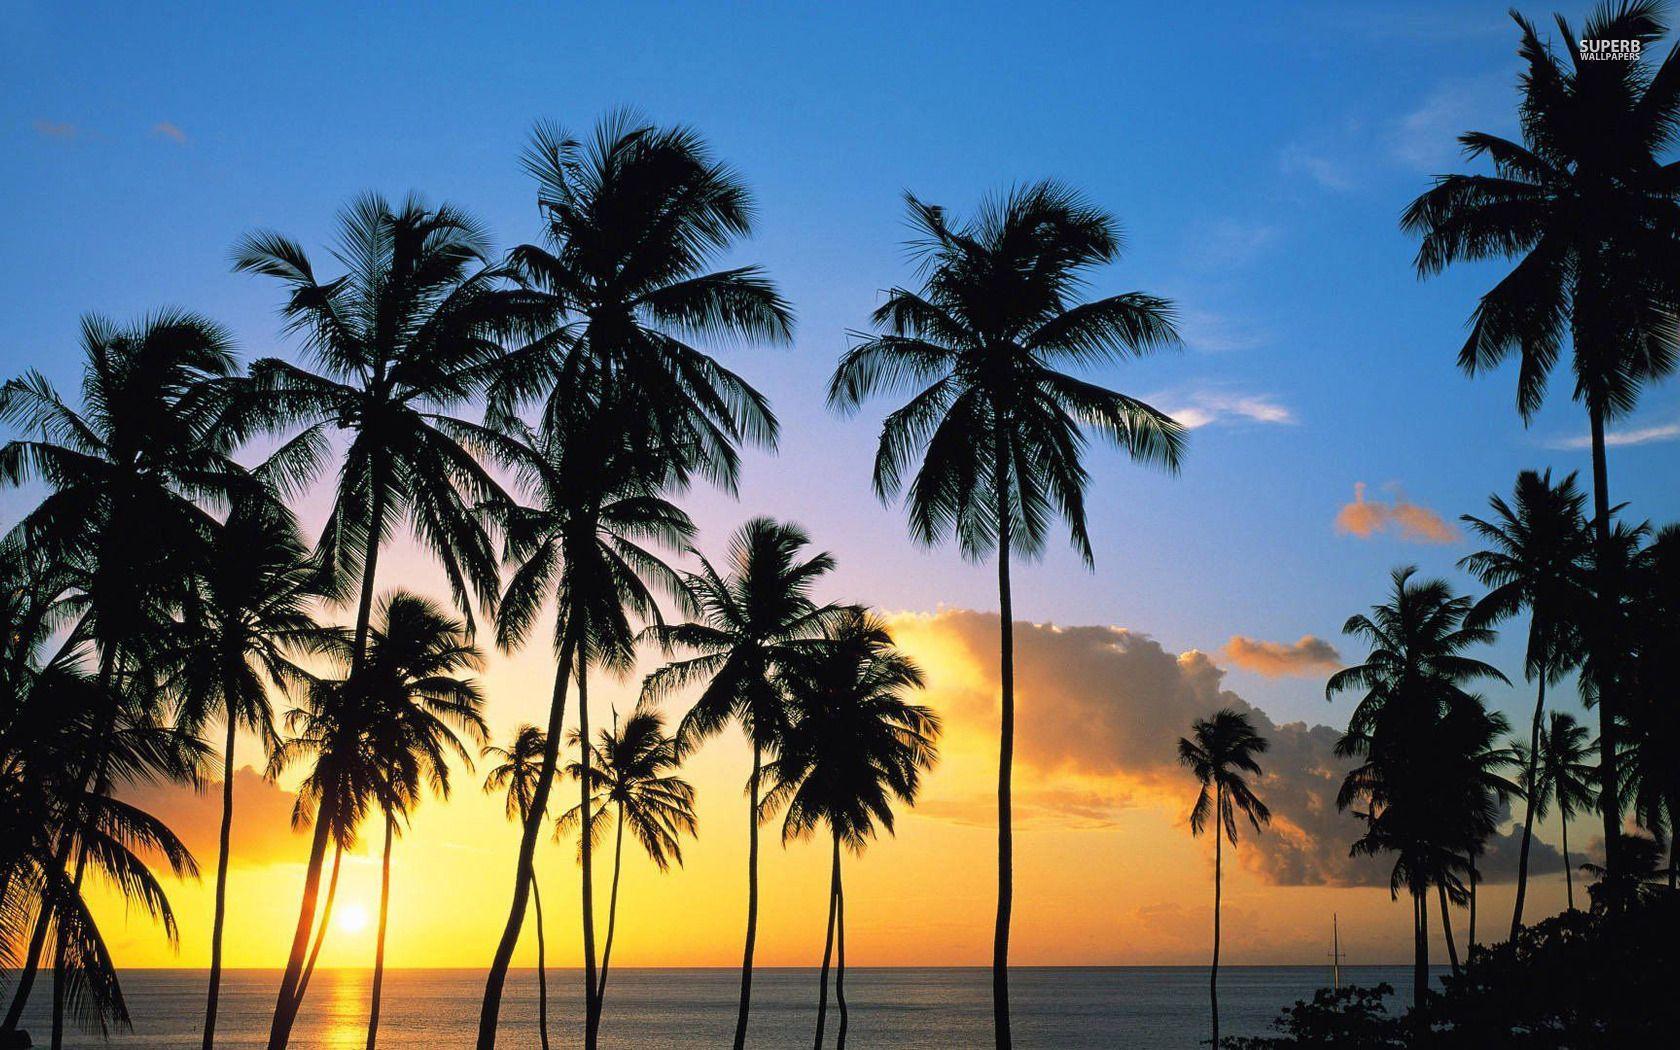 Palm Trees Silhouette HD desktop wallpaper Widescreen High